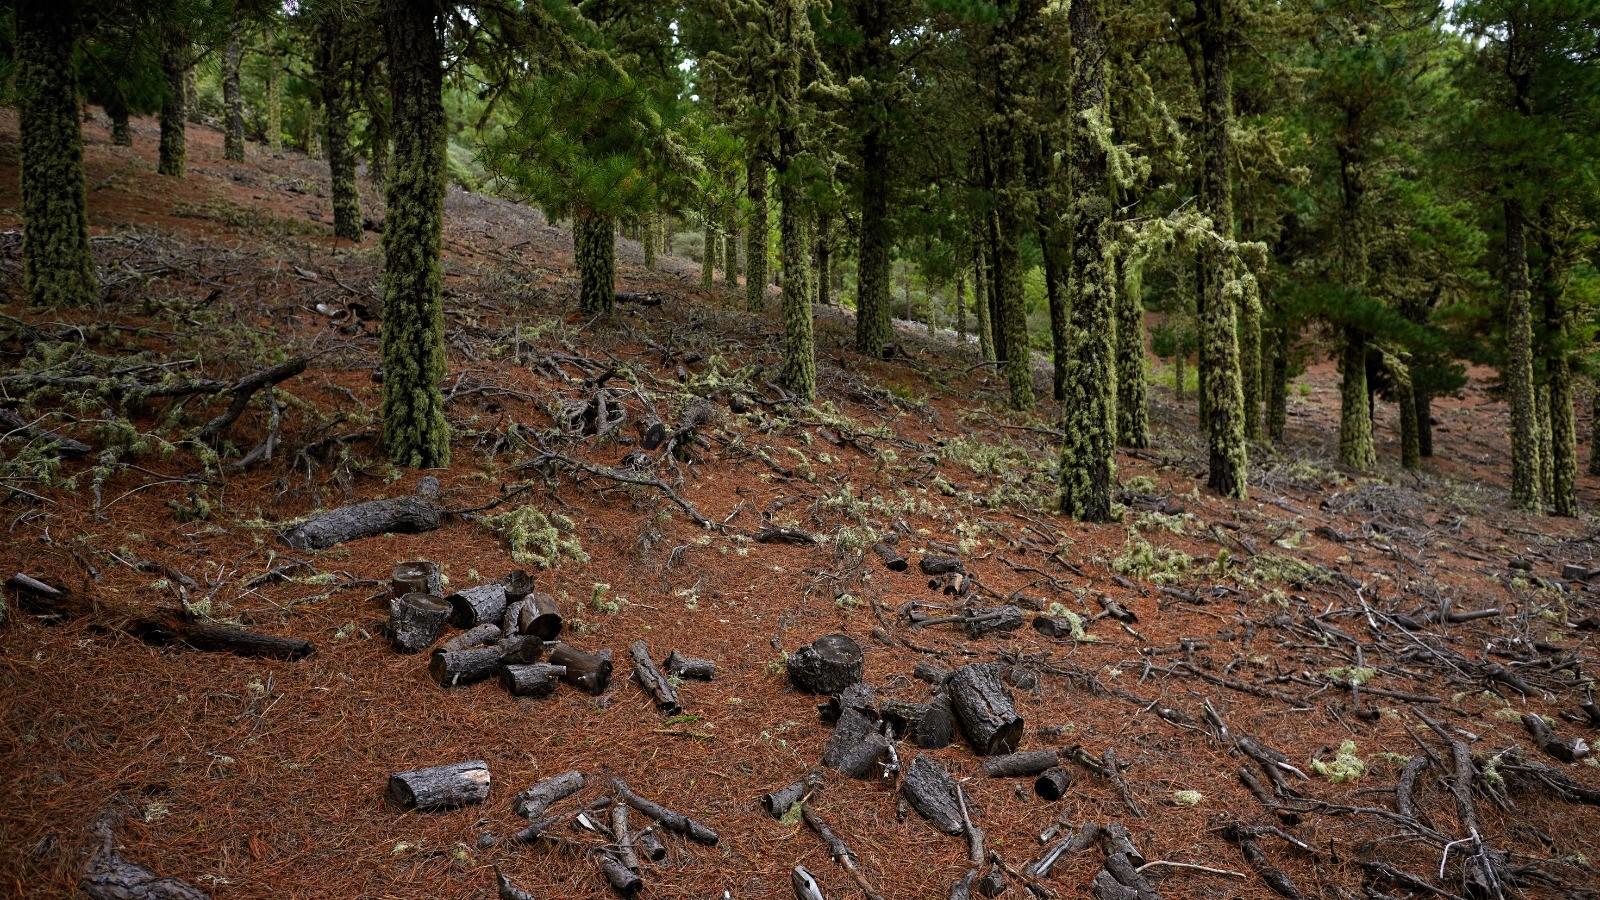 La deforestación mundial tiene impactos que genera en la pérdida de biodiversidad y el cambio climático. Imagen: Miteco